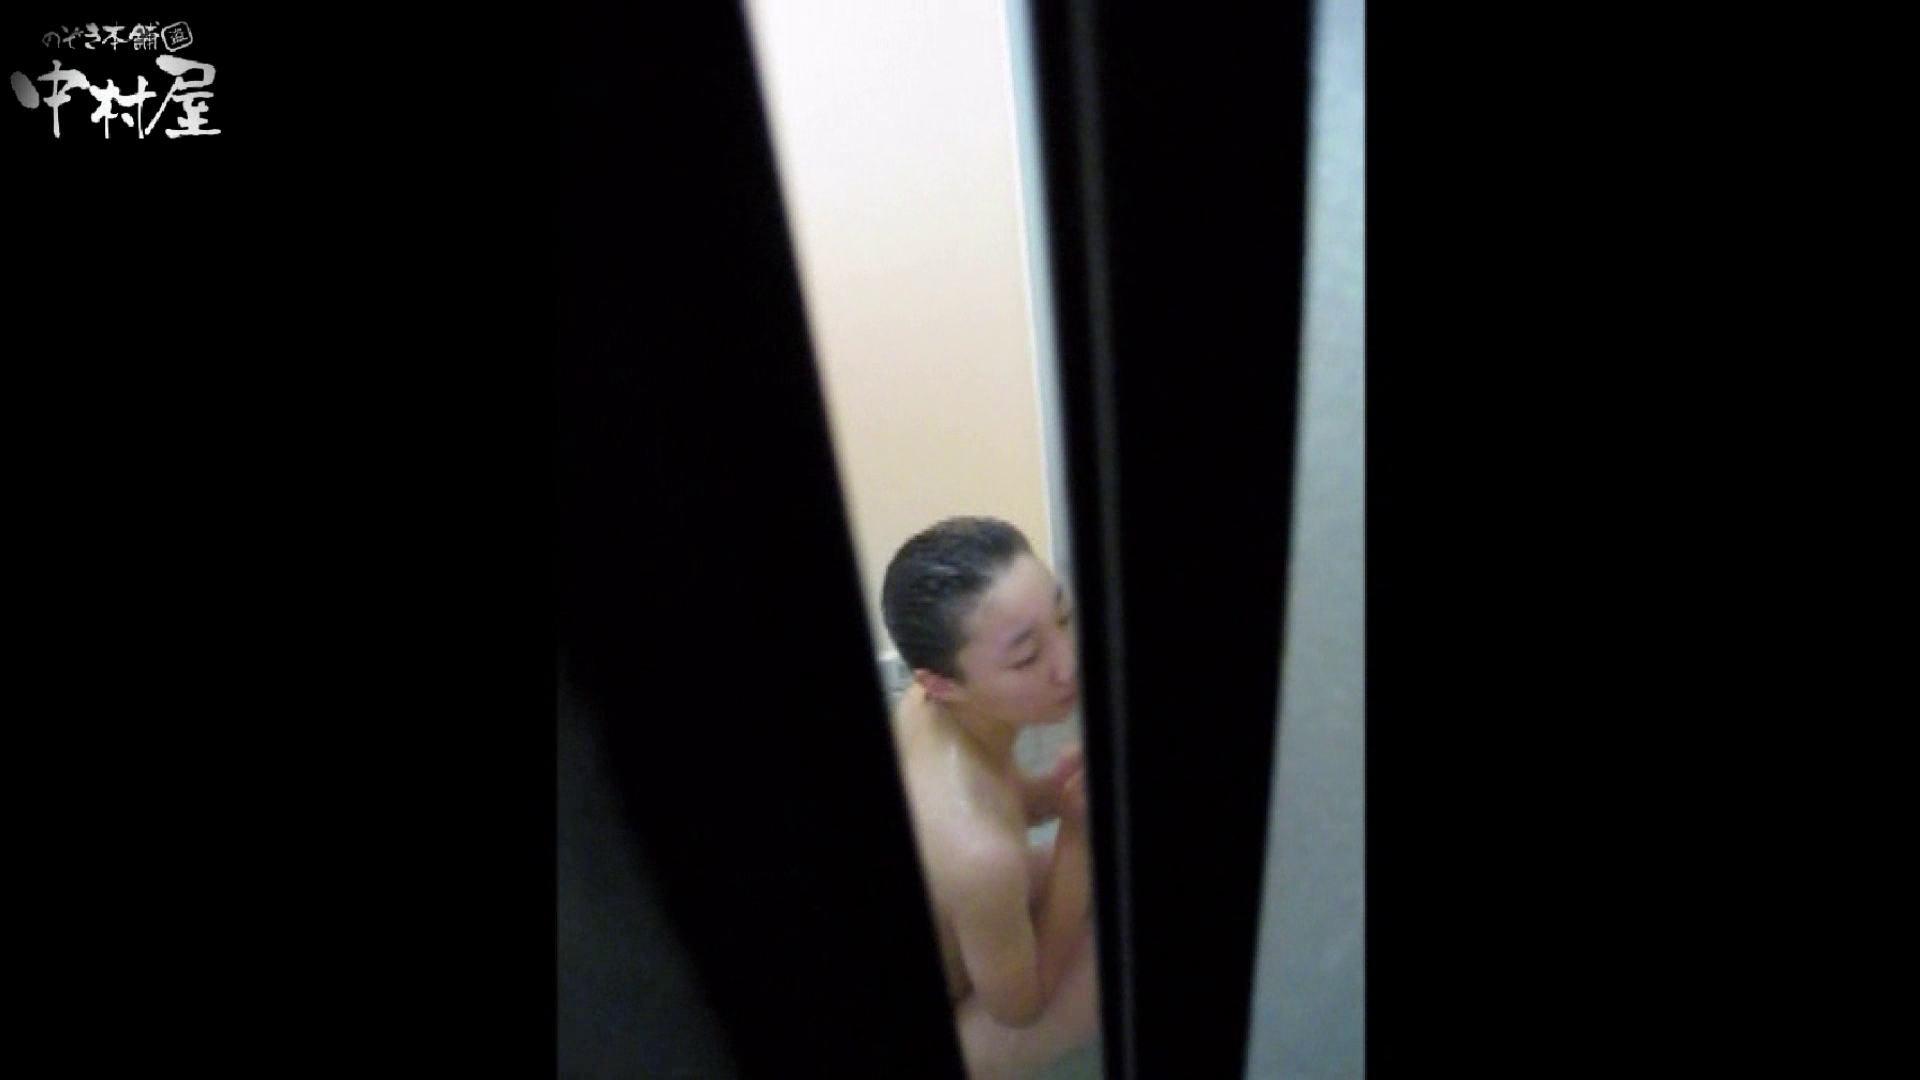 民家風呂専門盗撮師の超危険映像 vol.006 盗撮シリーズ | 民家シリーズ  88PIX 86